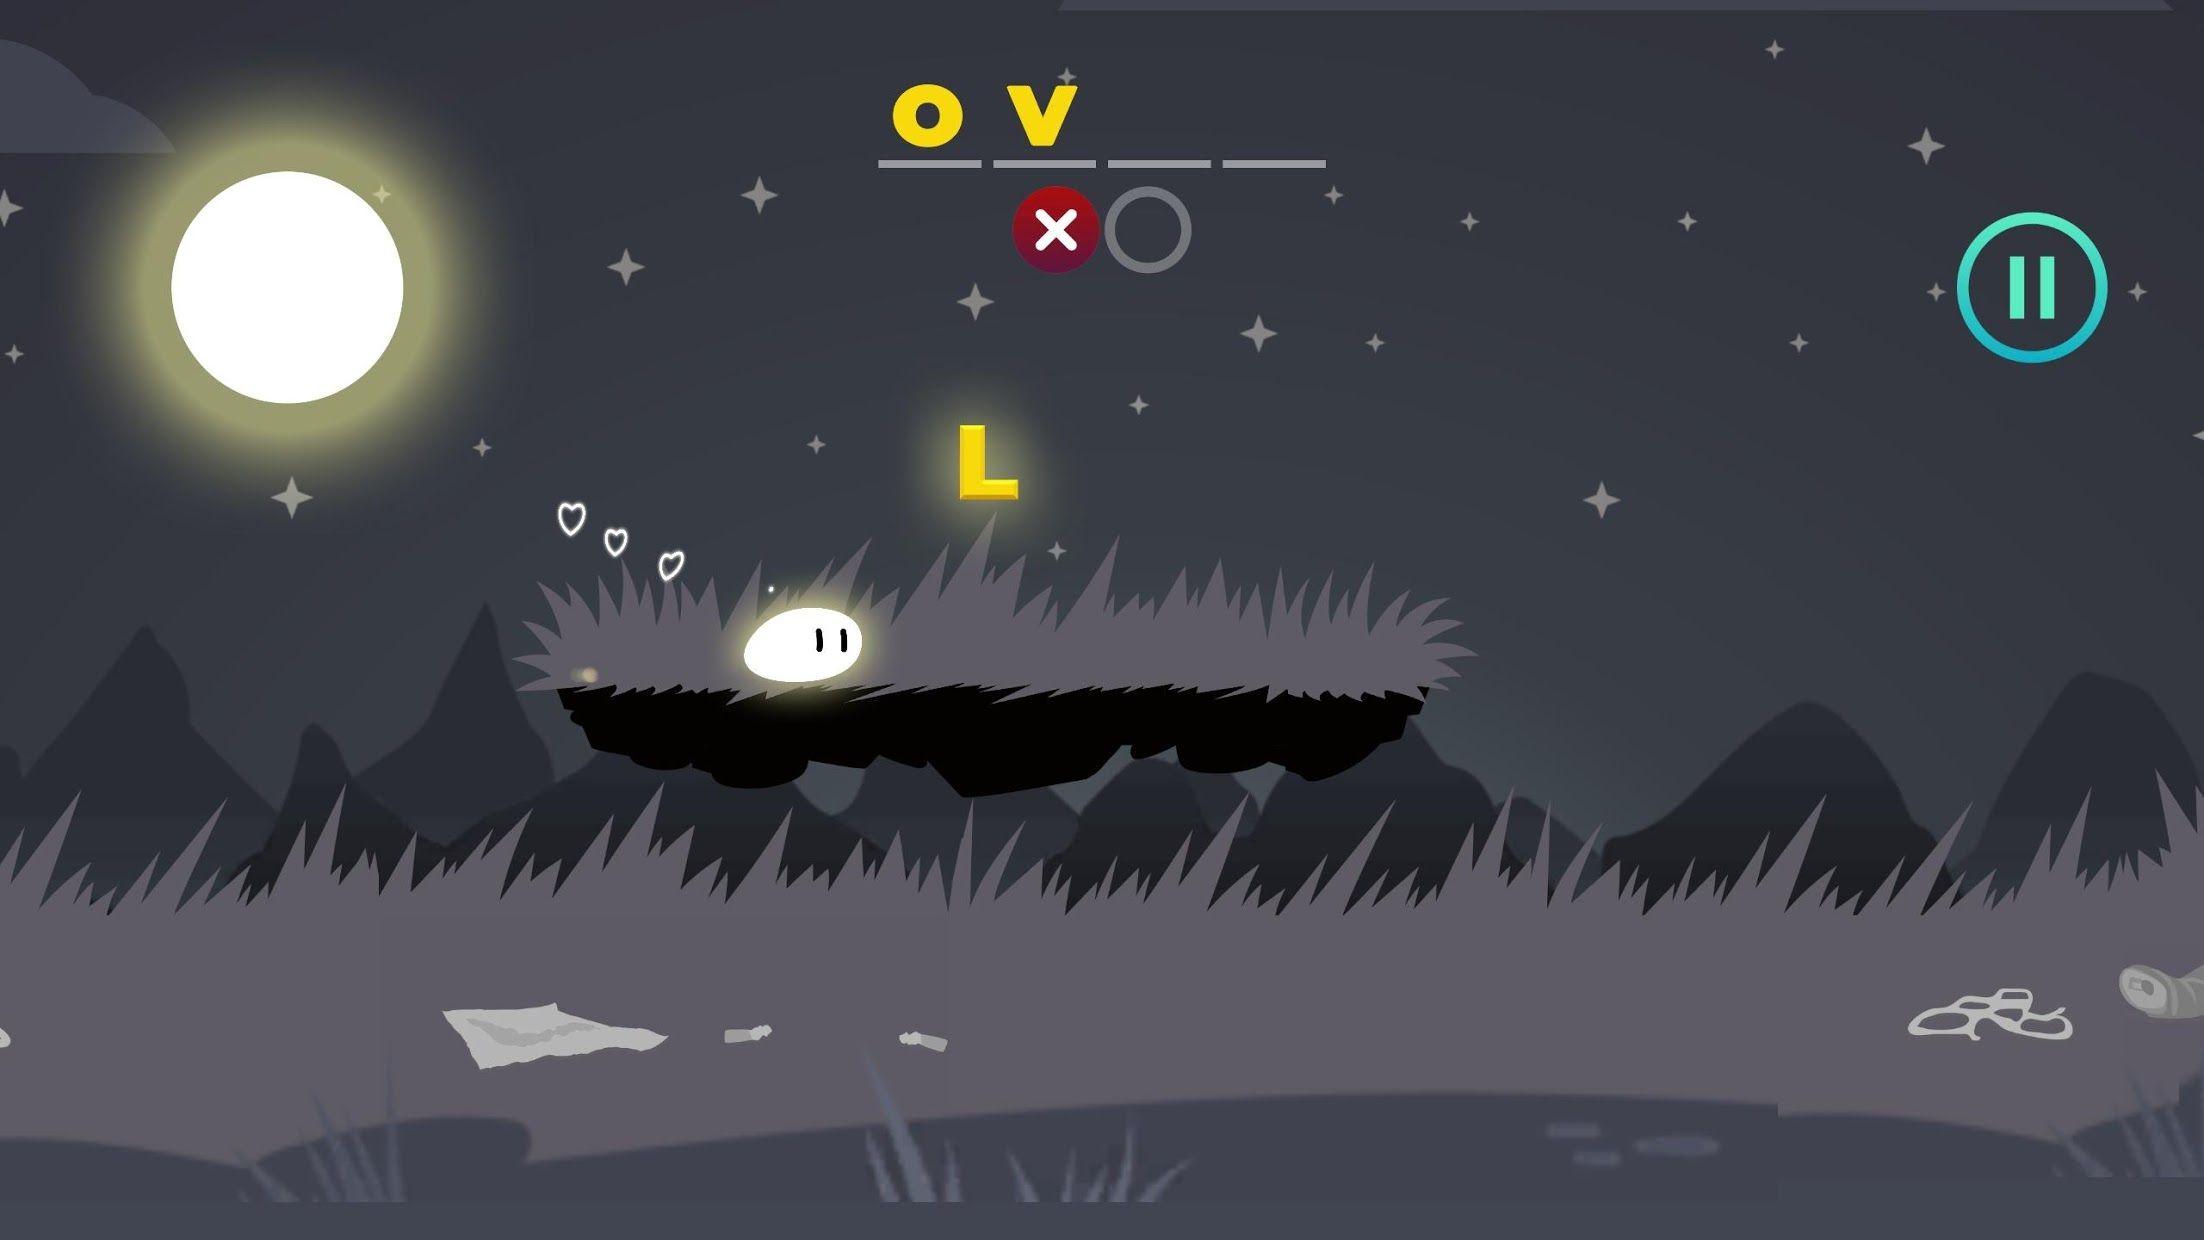 Brightlove 游戏截图3